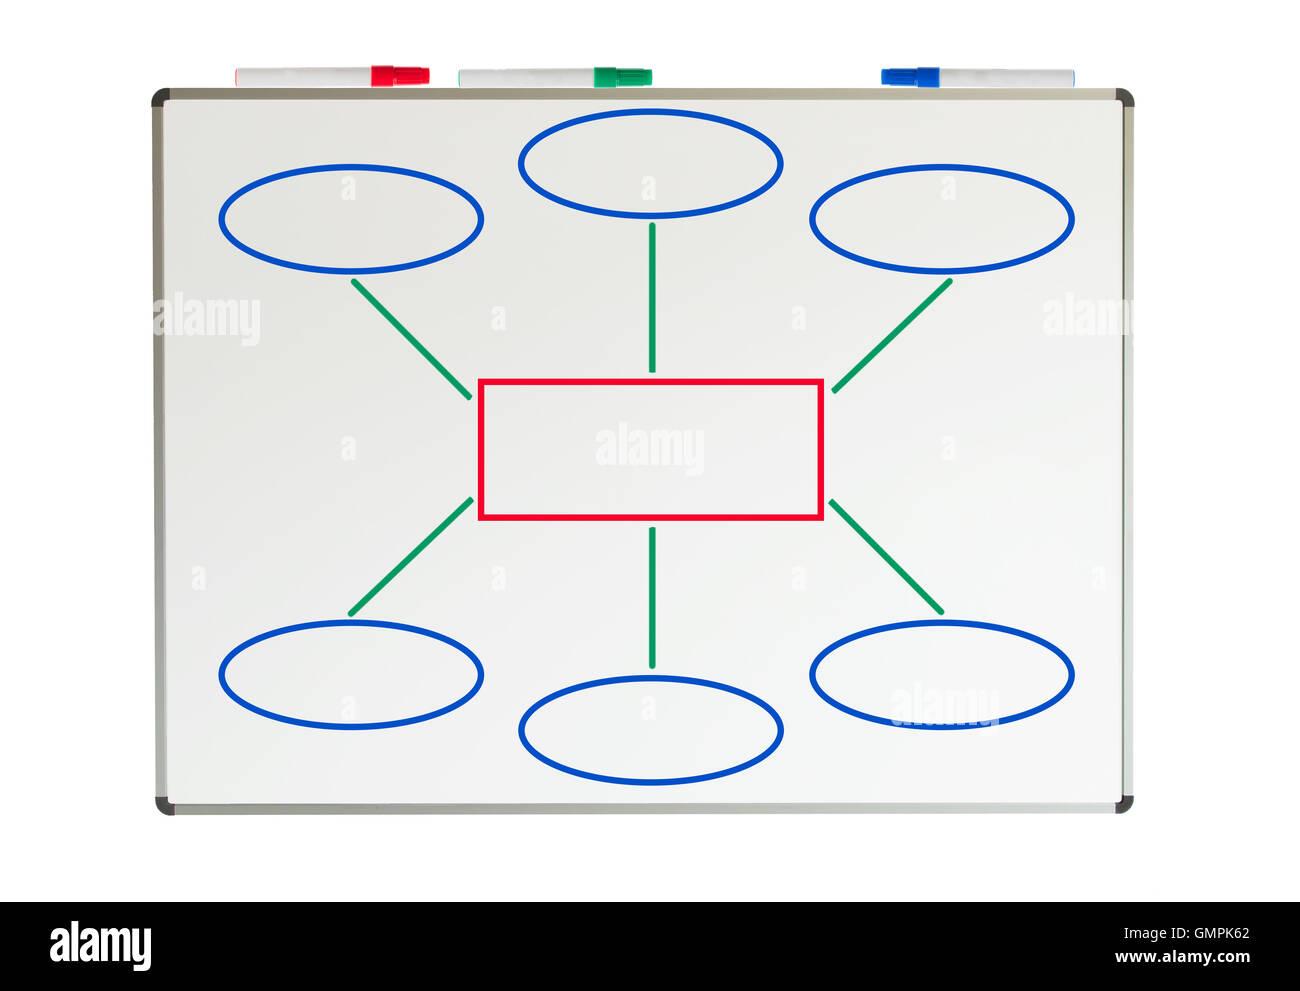 Dibujo de diagrama de flujo sencillo foto imagen de stock dibujo de diagrama de flujo sencillo ccuart Images